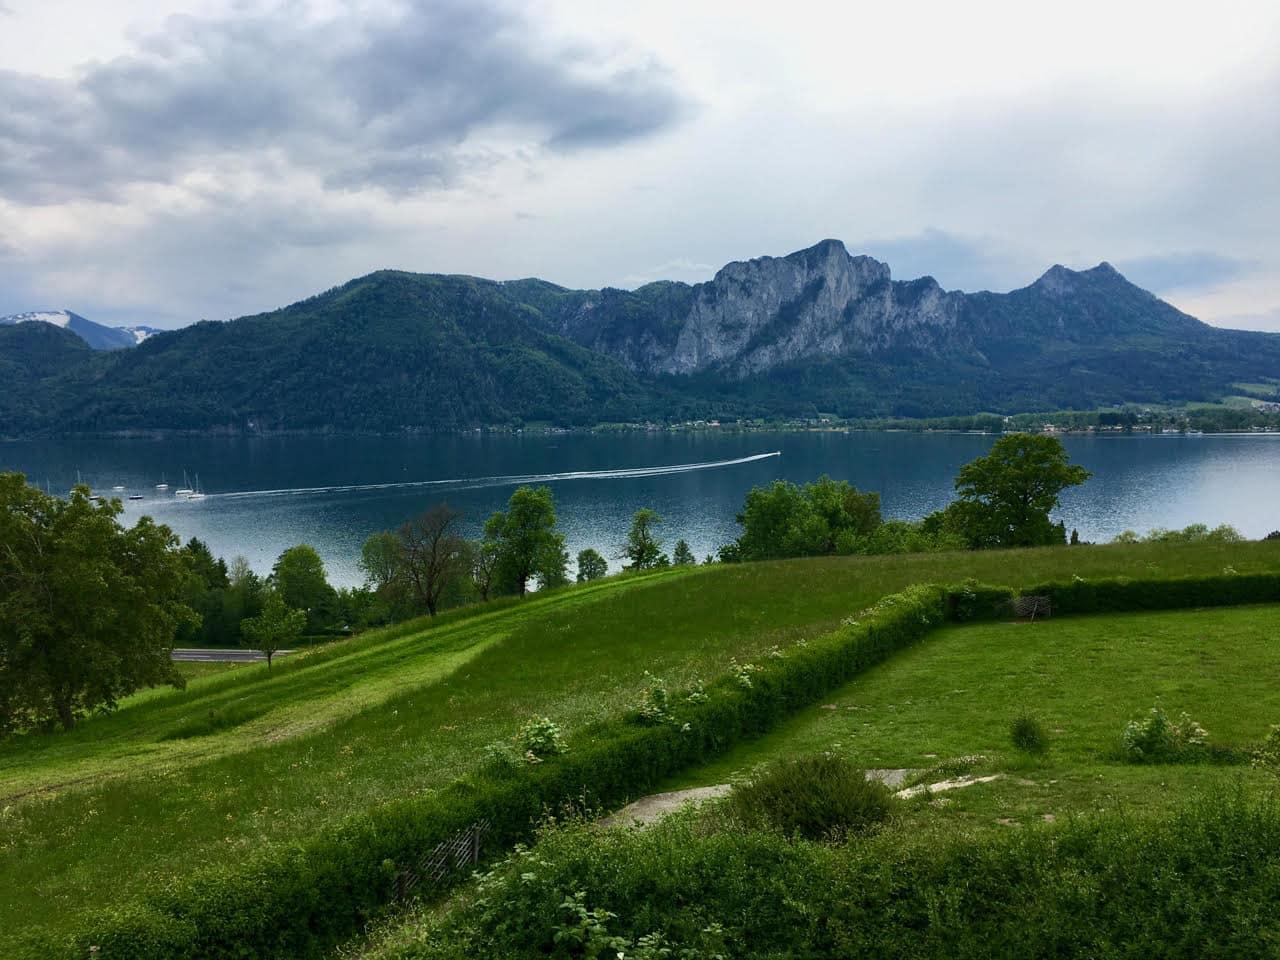 Reiseberich - KONA EV vom Bodensee zum  Fahrtechnikzentrum Teesdorf und zum eTesttag in Melk » unnamed 7